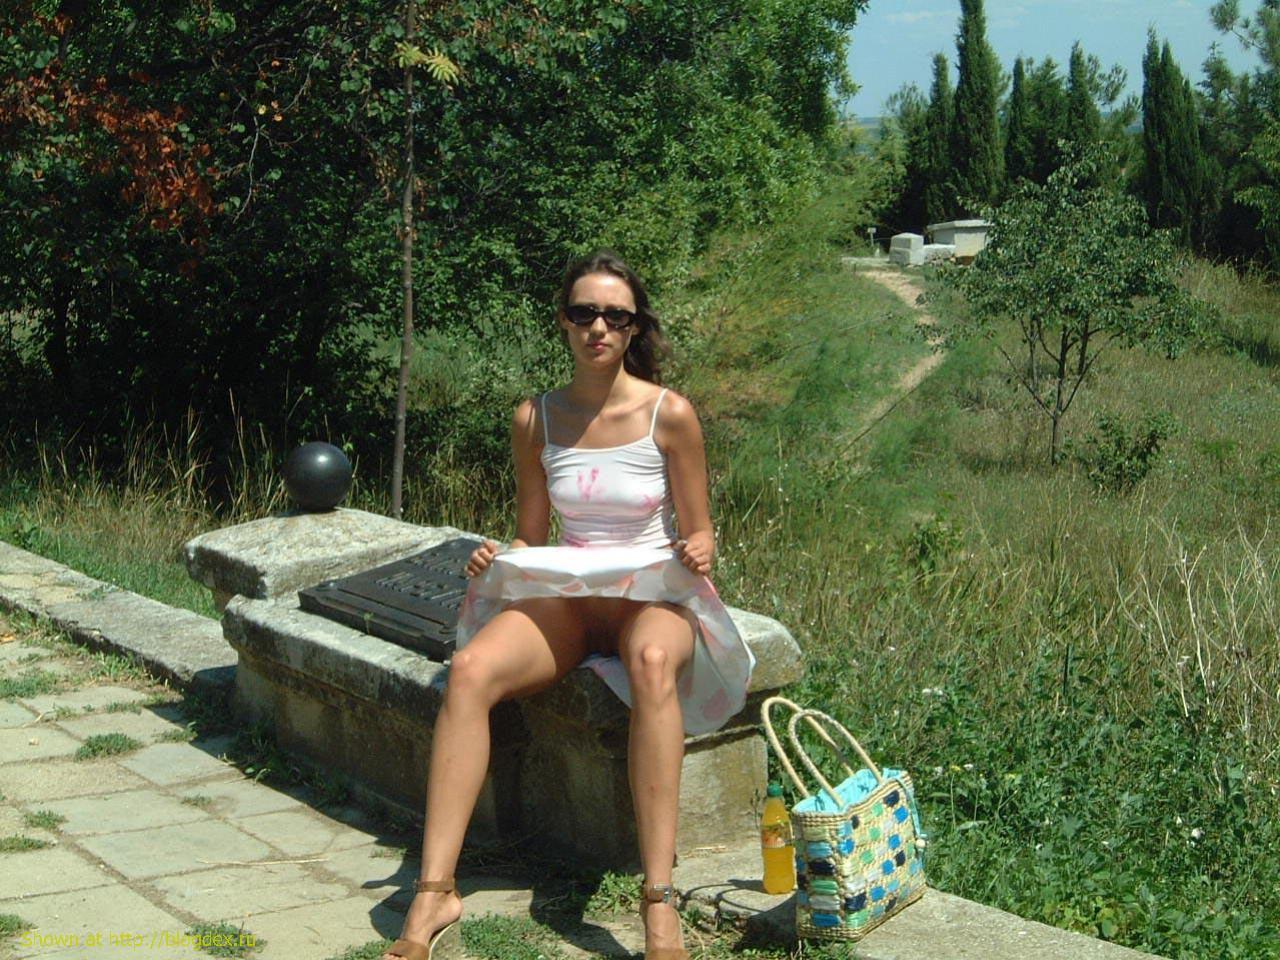 Стриптиз на улице русские 1 фотография